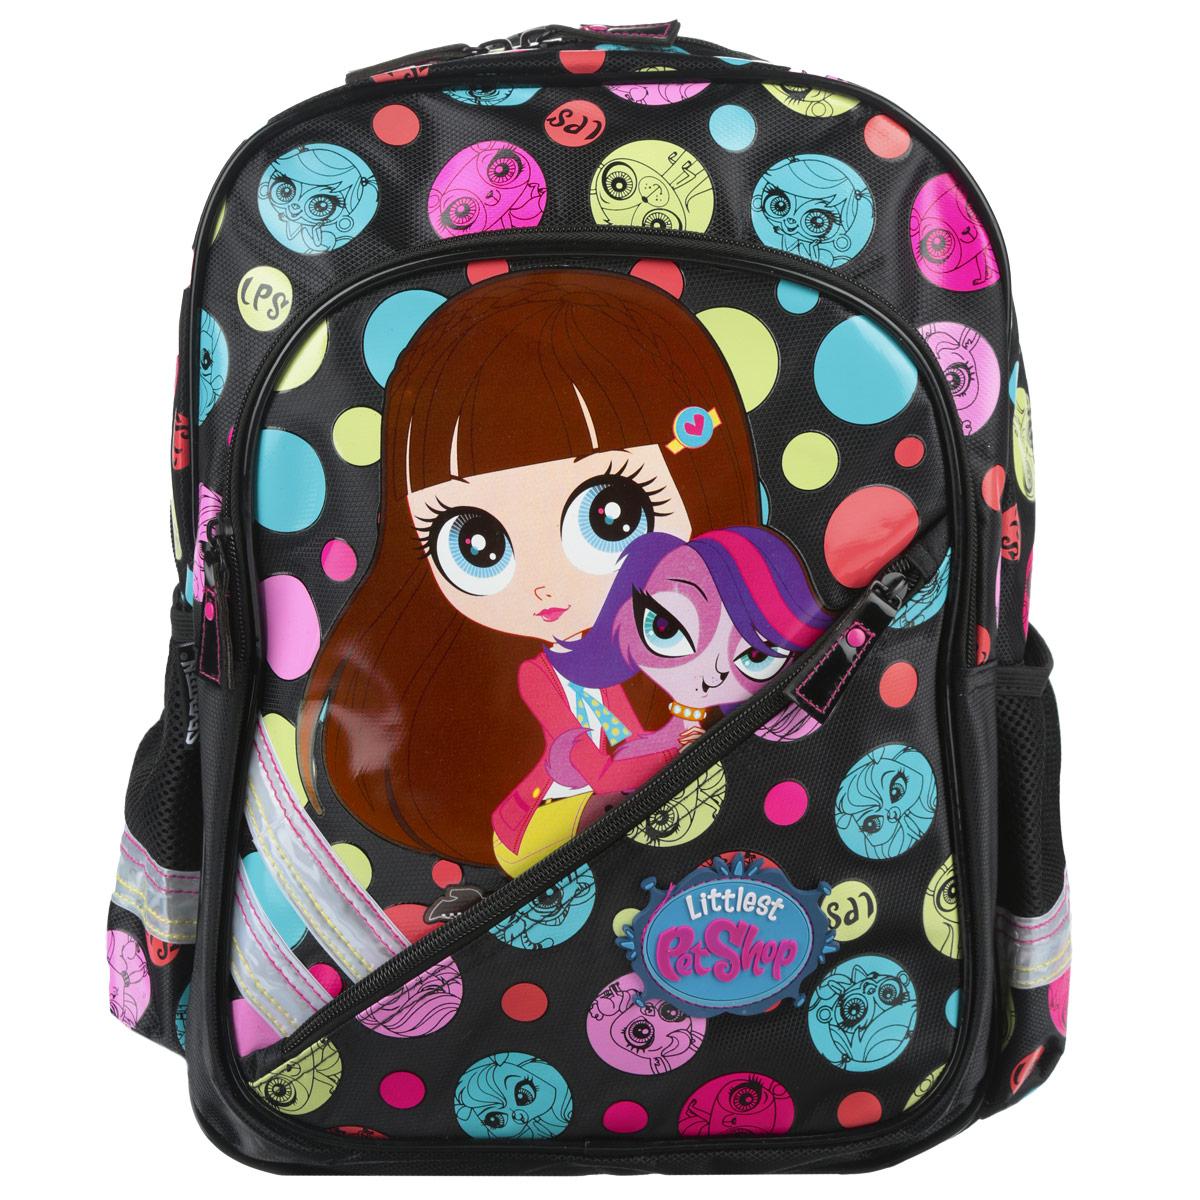 Рюкзак подростковый Kinderline Littlest Pet Shop, цвет: черный, розовый. LPCB-RT2-786 pet shop boys brasília